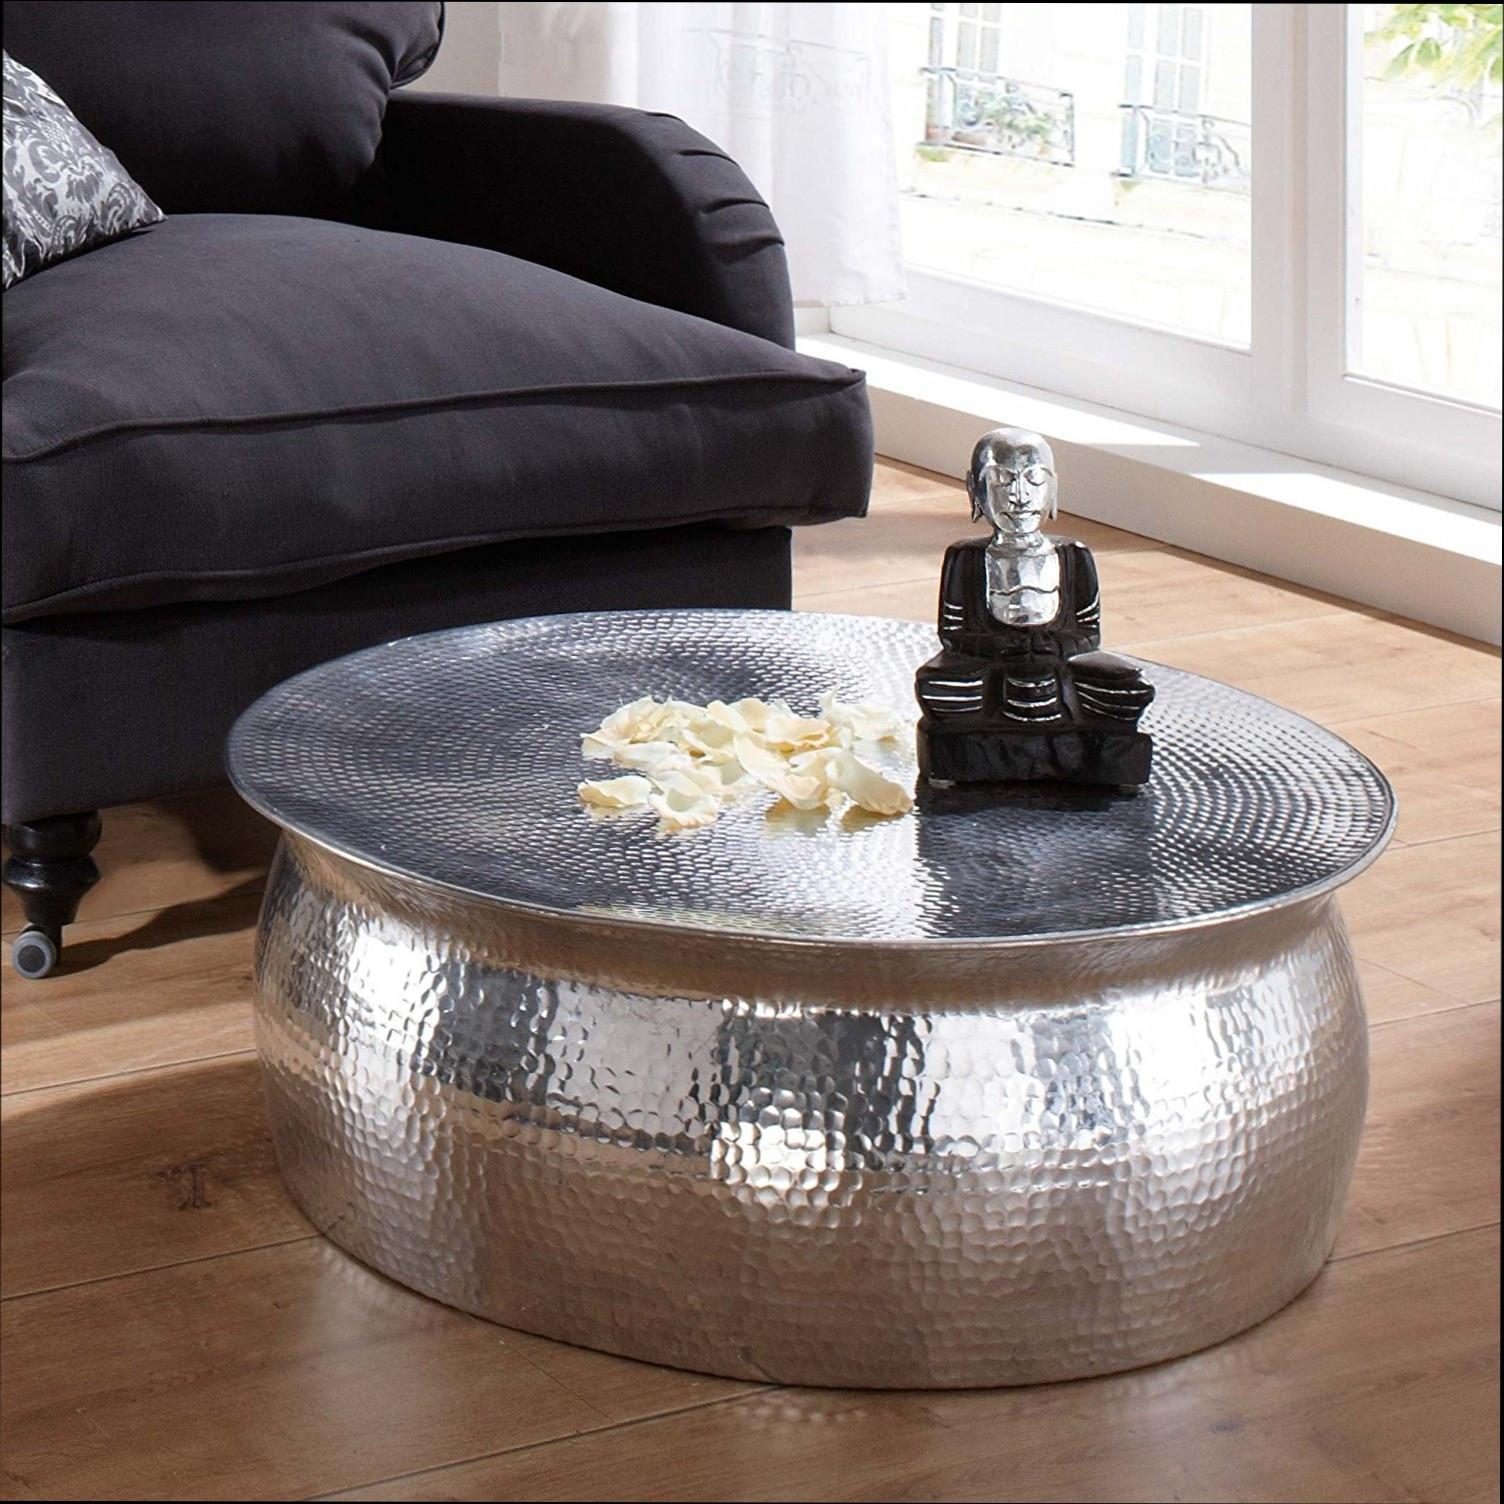 Couchtisch Silber  Couchtisch Silber Rund couchtisch silber rund m bel ideen